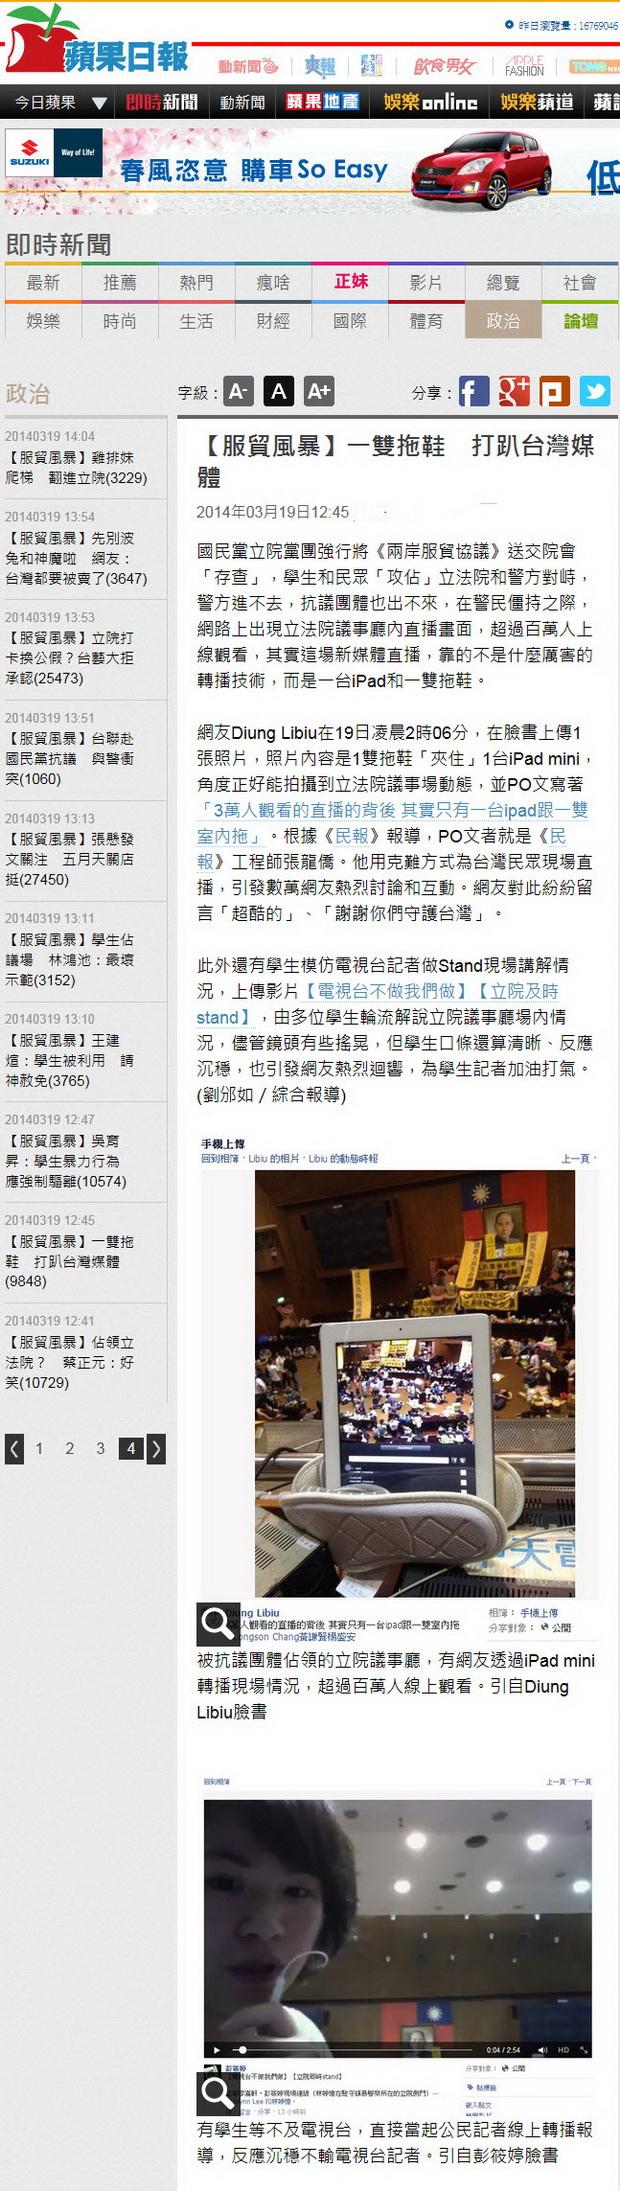 【服貿風暴】一雙拖鞋打趴台灣媒體-2014.03.19.jpg